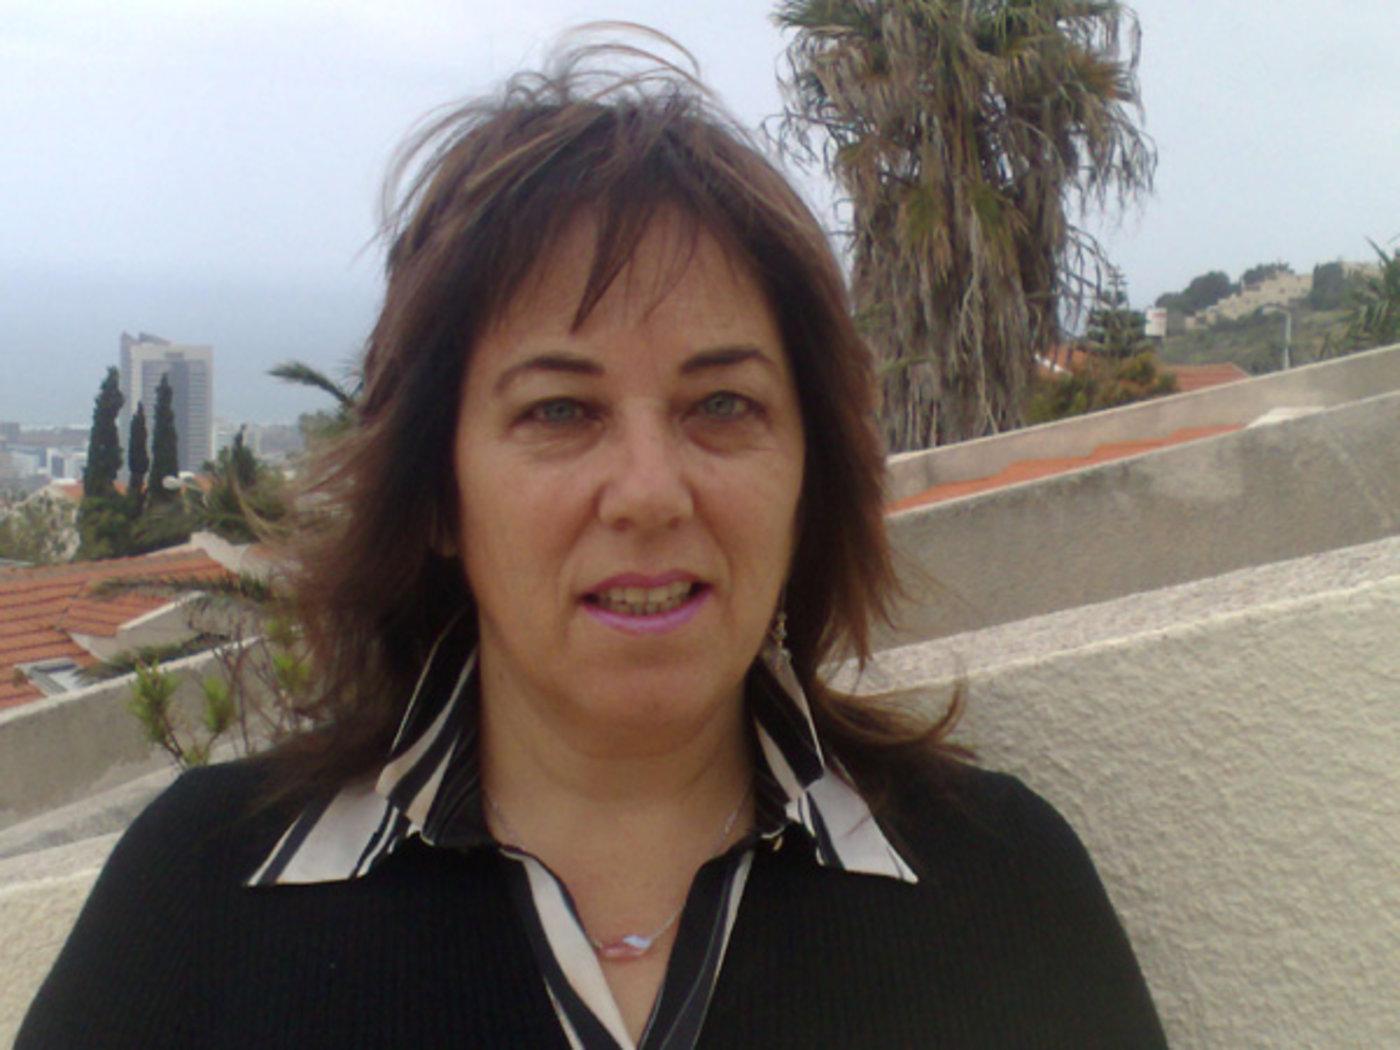 Shani Keysar